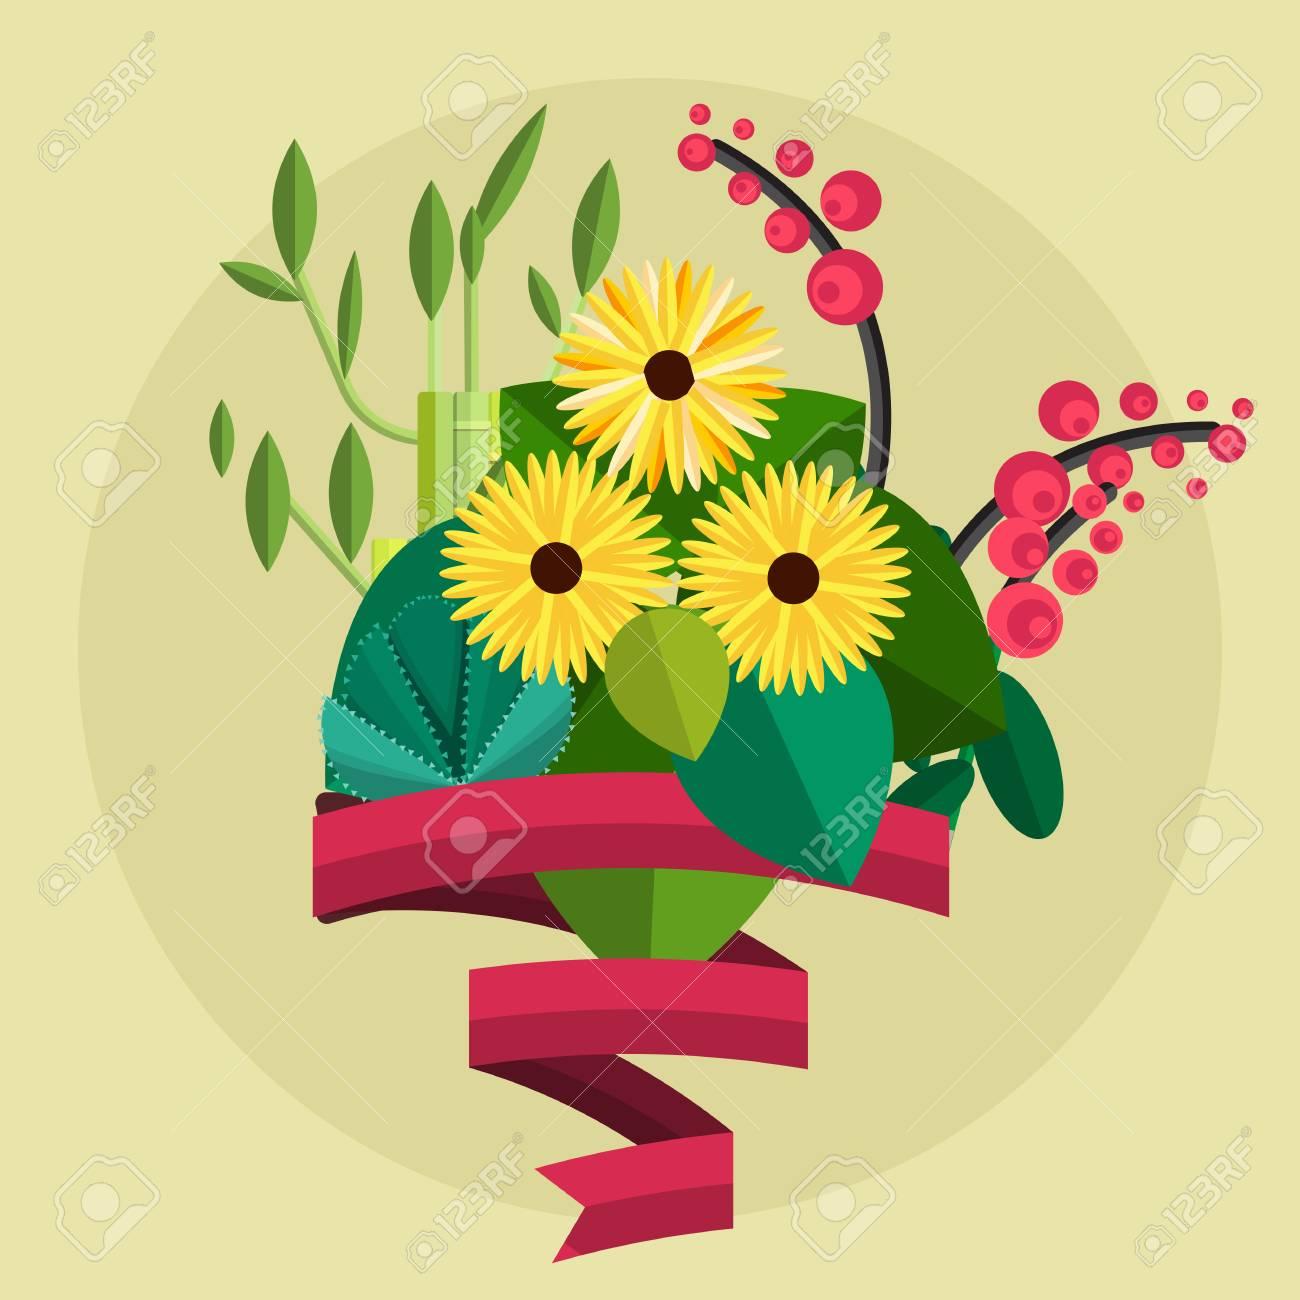 かわいい花束。結婚式の花束の花を誕生日花束花、フラットなデザインのイラスト。イベントの花束を植えます。テキストのリボンと花の花束。